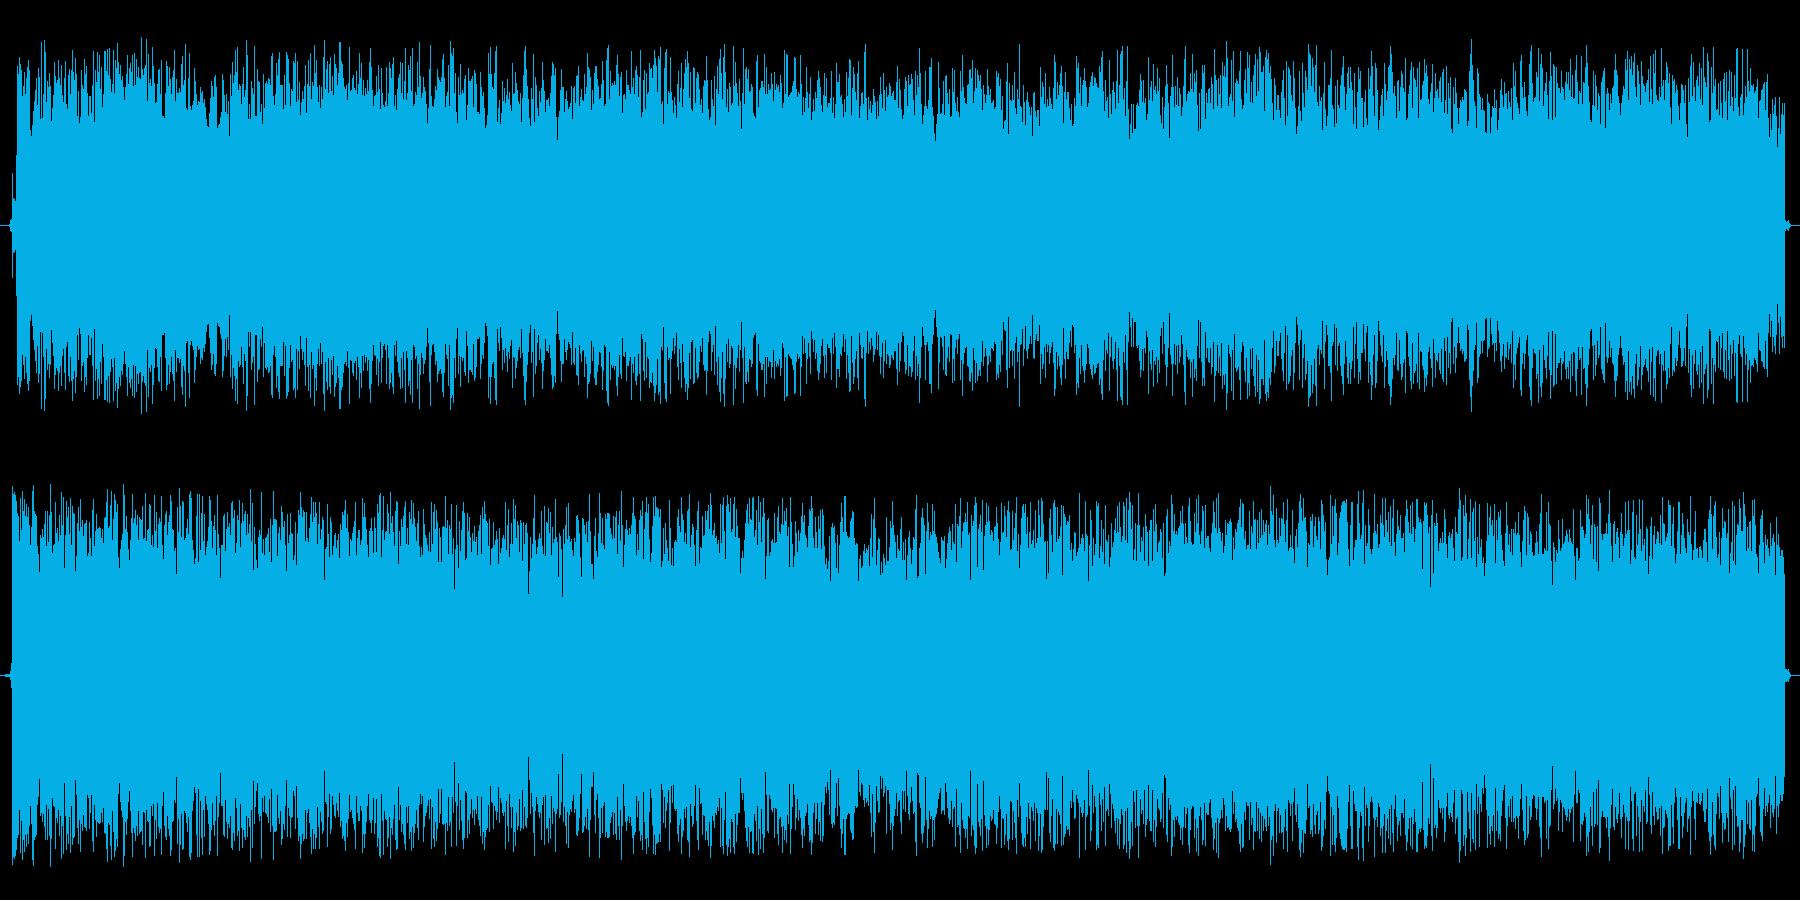 神秘的な効果音の再生済みの波形